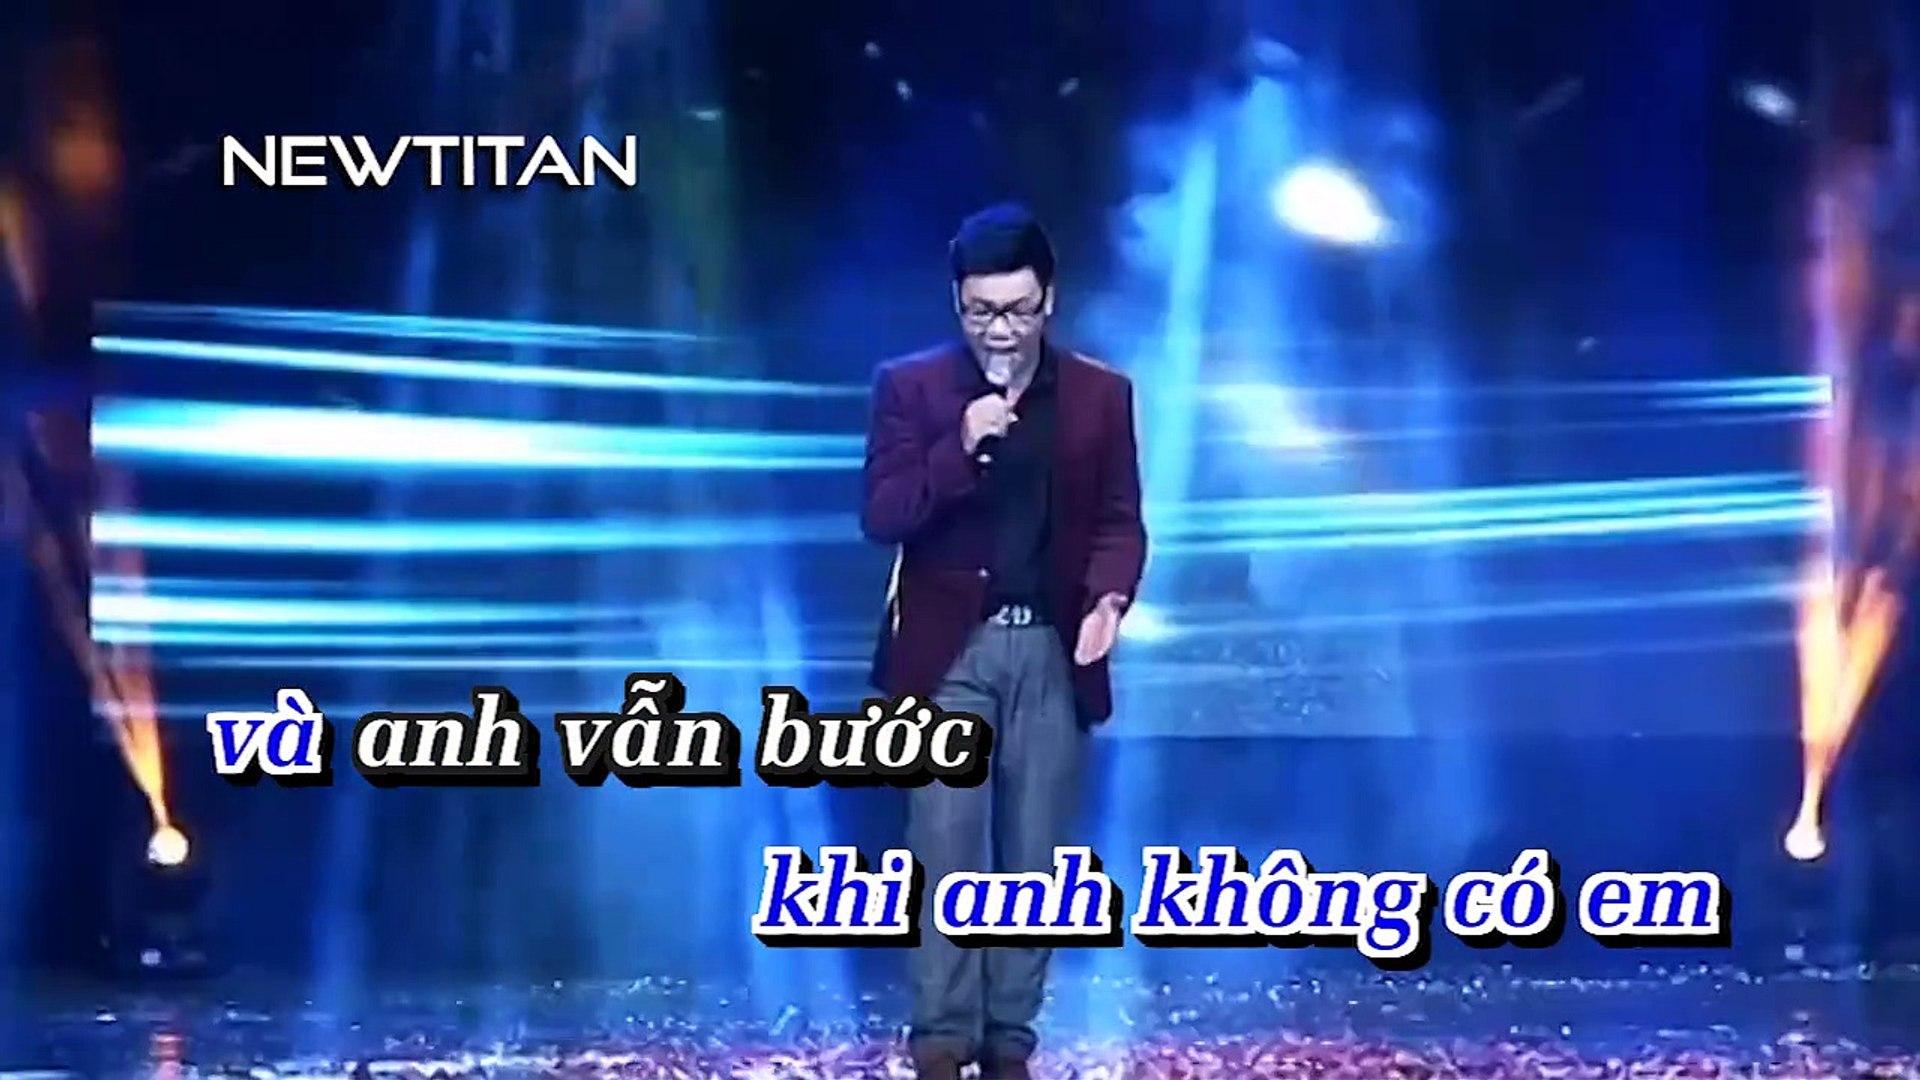 [Karaoke] Giống Anh Nhưng Không Phải Là Anh - Hamlet Trương [Beat]